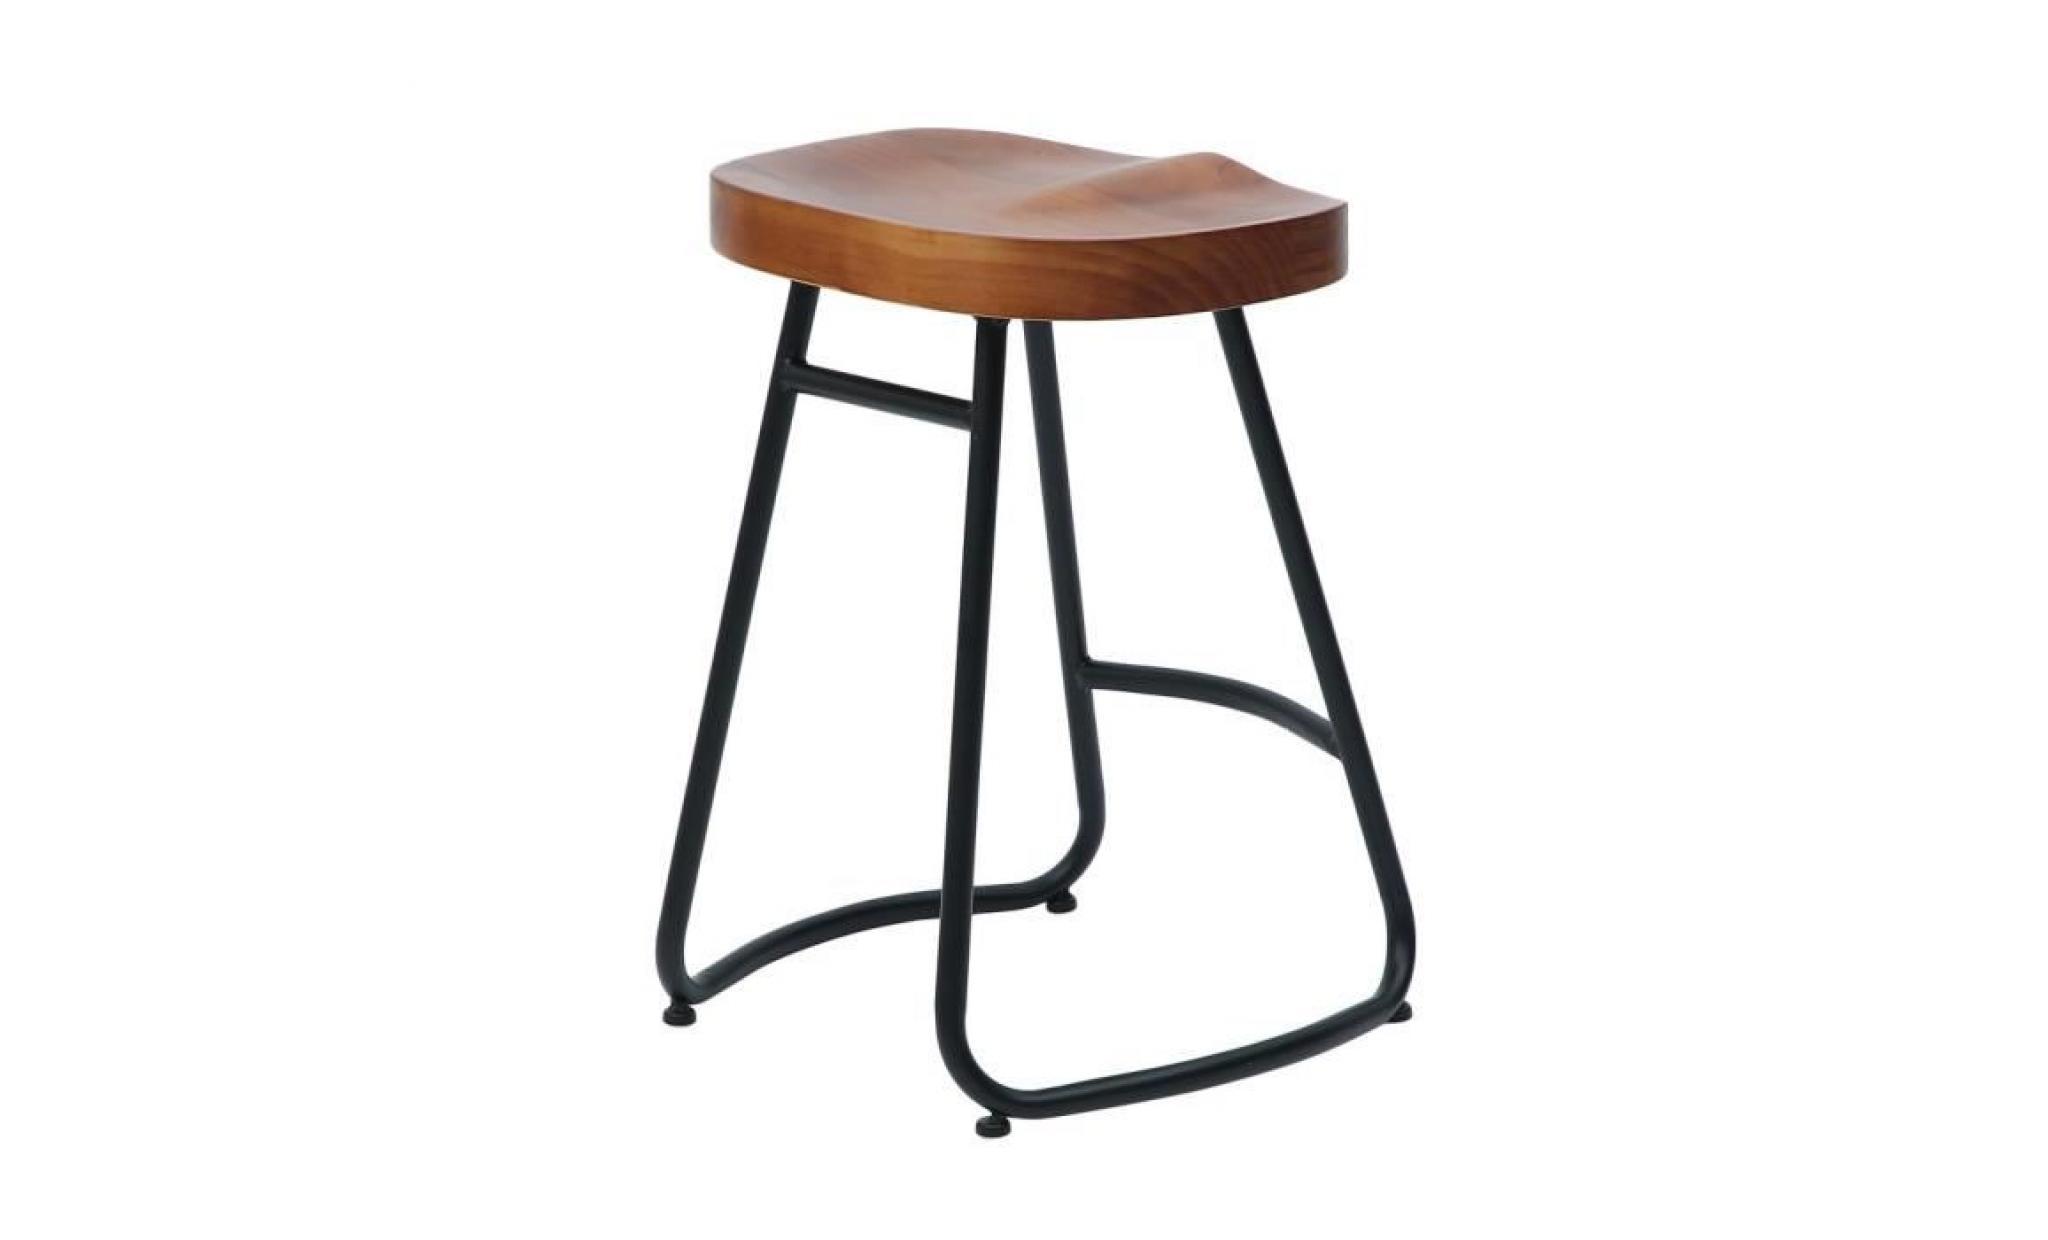 bar en tabouret capacité 100kg industriel manger 55cm 31 1pc à bois charge chaise 35 de vintage rustique style vwyN8n0Om